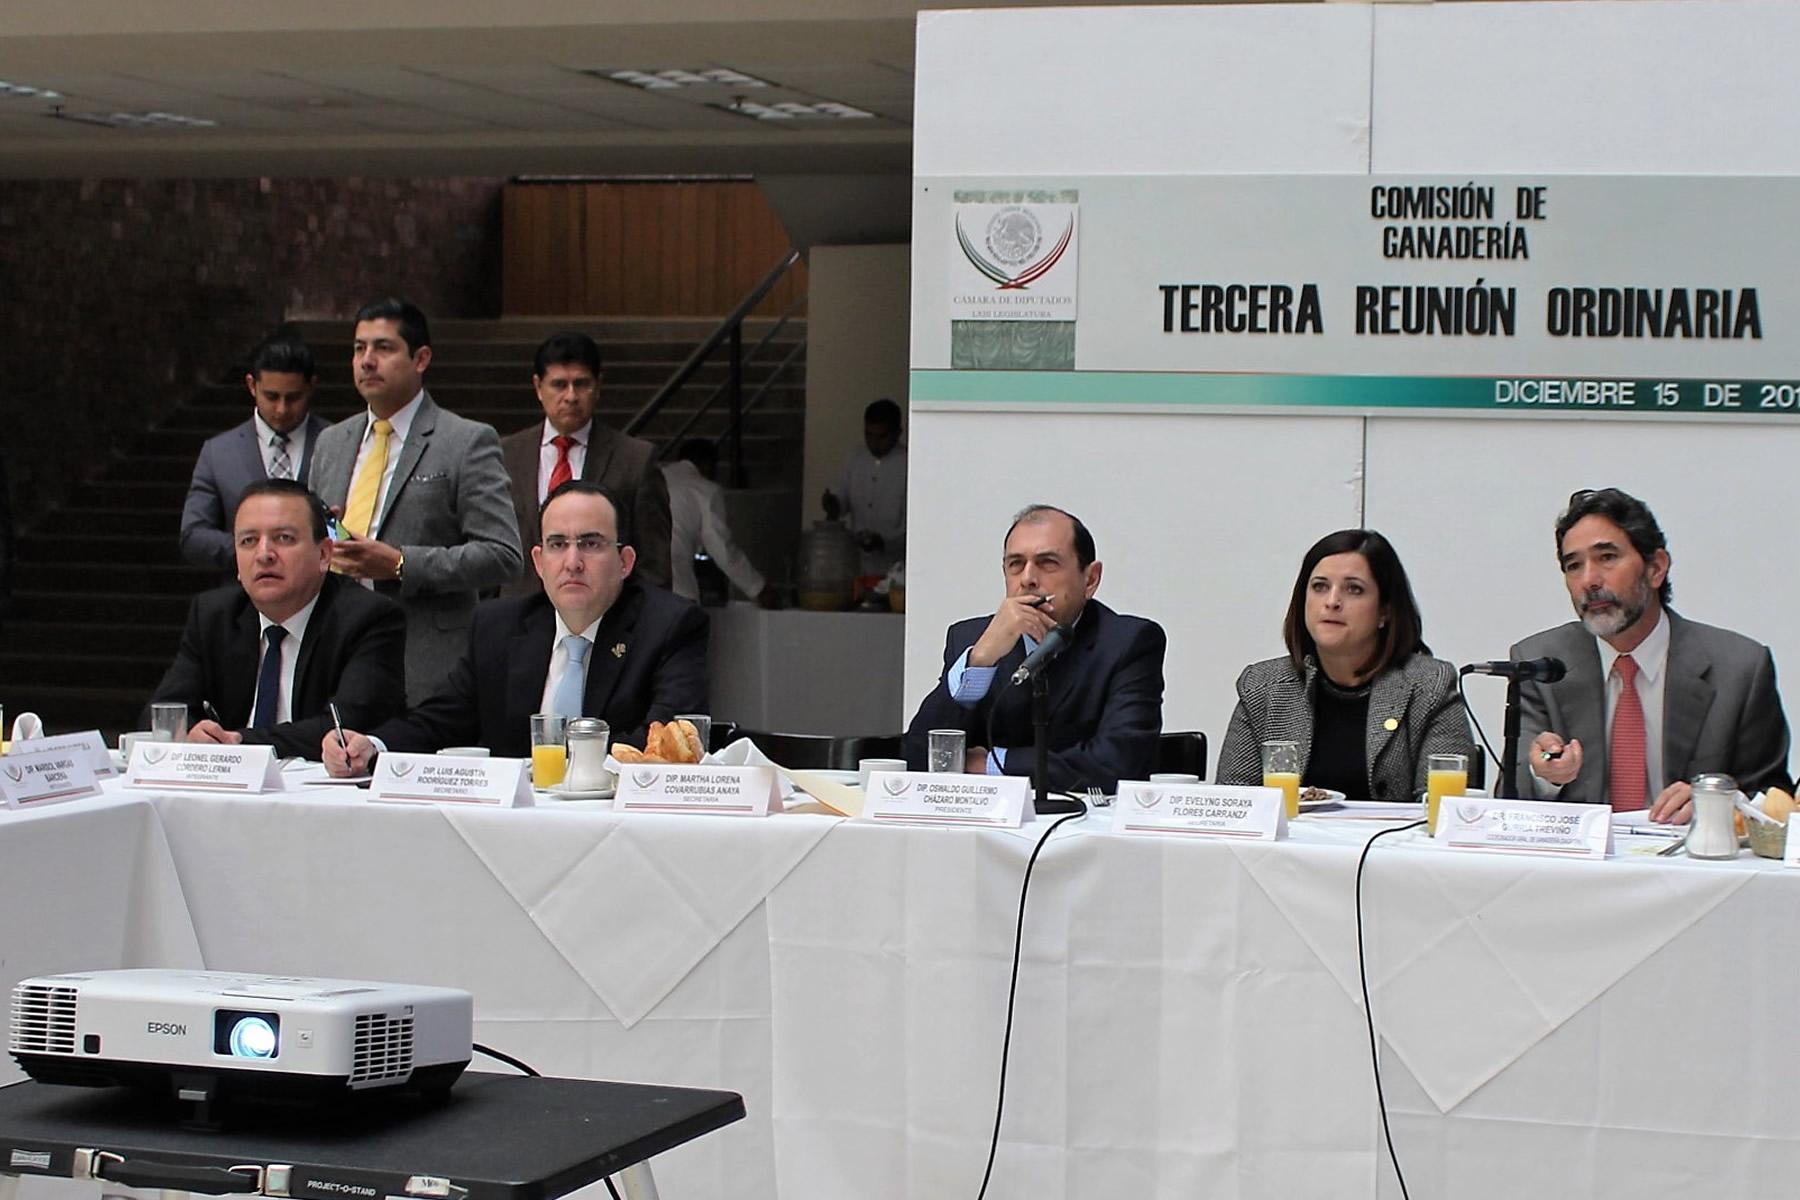 Reunión del coordinador general de Ganadería, Francisco Gurría Treviño, con la Comisión de Ganadería de la Cámara de Diputados.